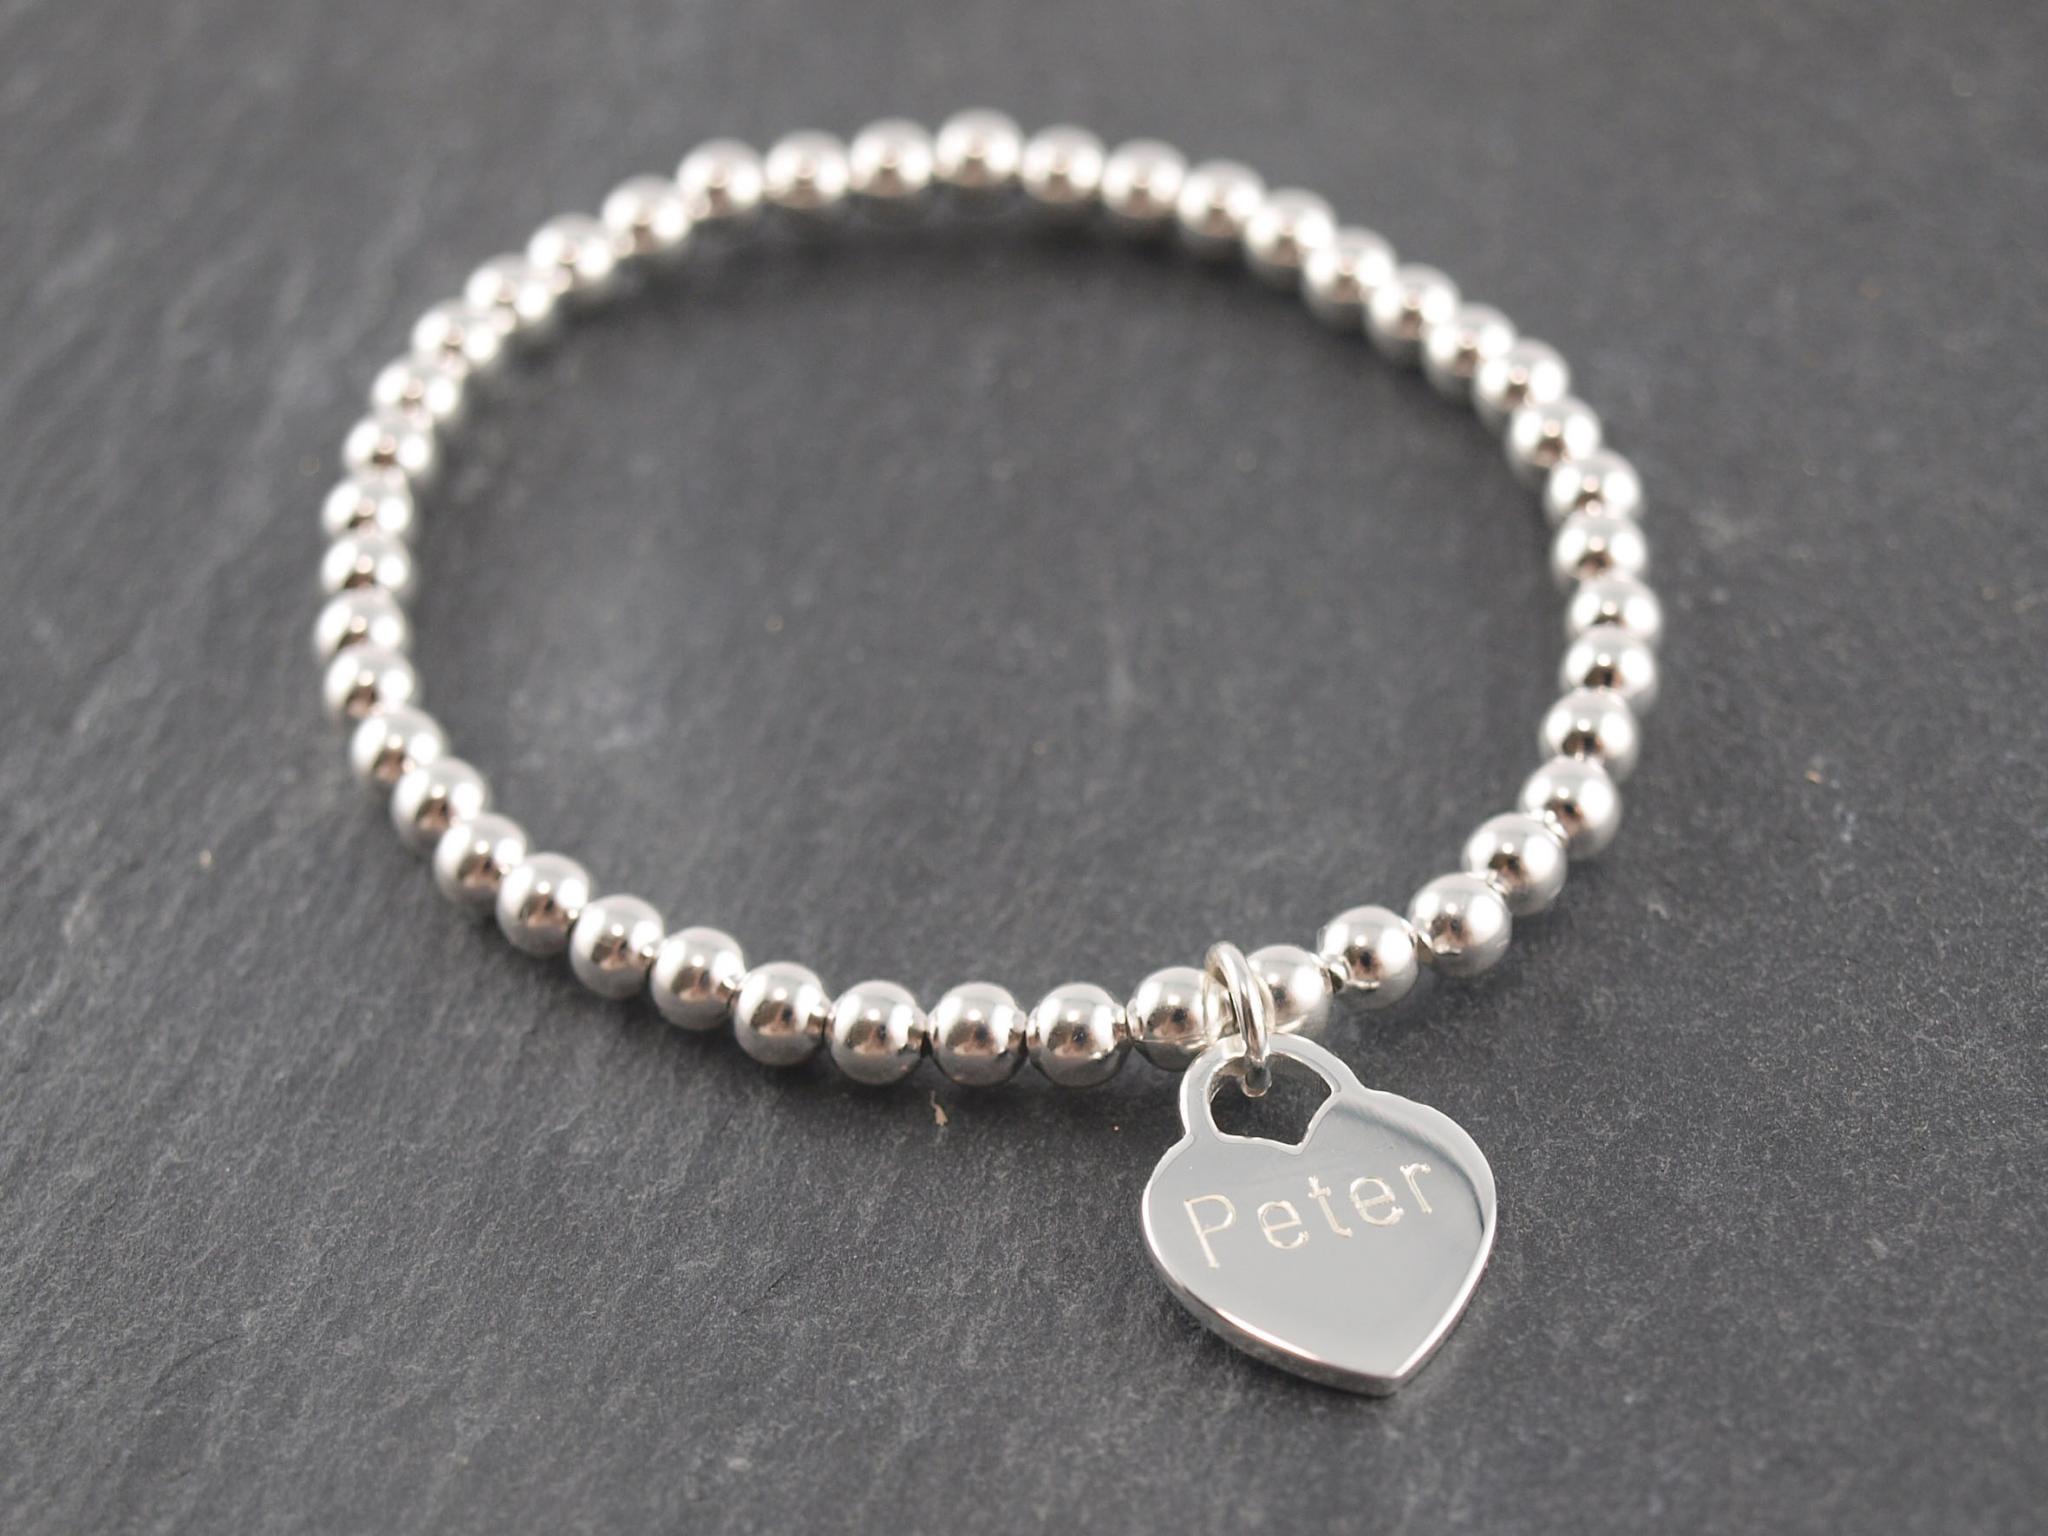 Gravuranhänger aus Silber mit Wunsch Gravur mit elastischem Armband herz